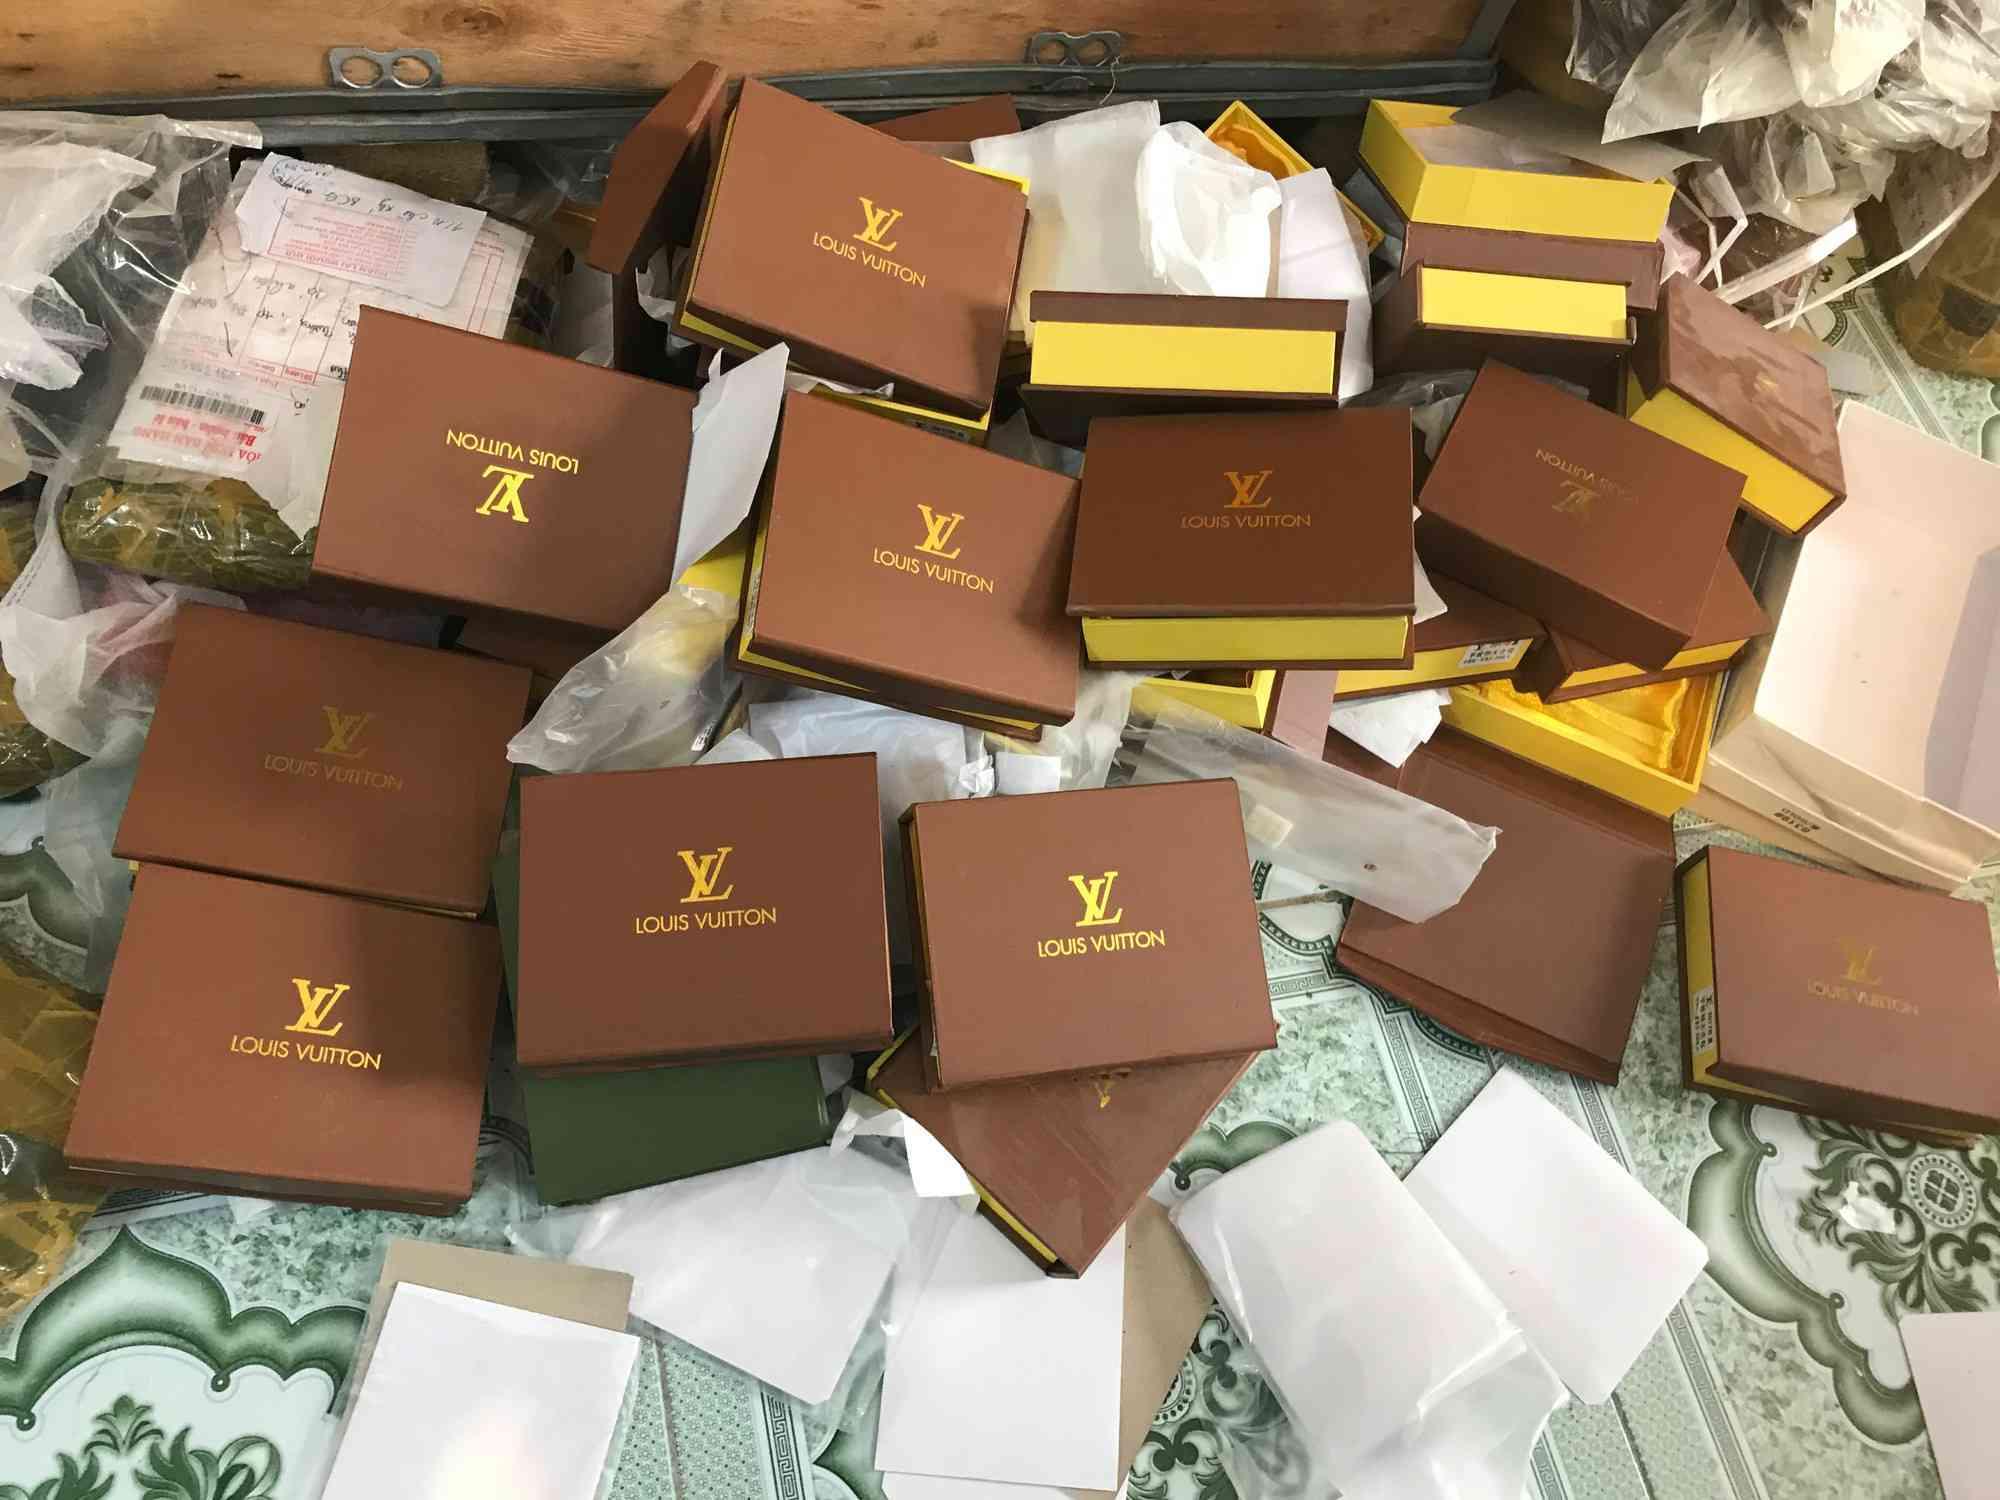 Đột kích cửa hàng túi xách giả nhãn hiệu Gucci, Louis Vuitt on, Dior giá bèo 30.000 đồng - 1